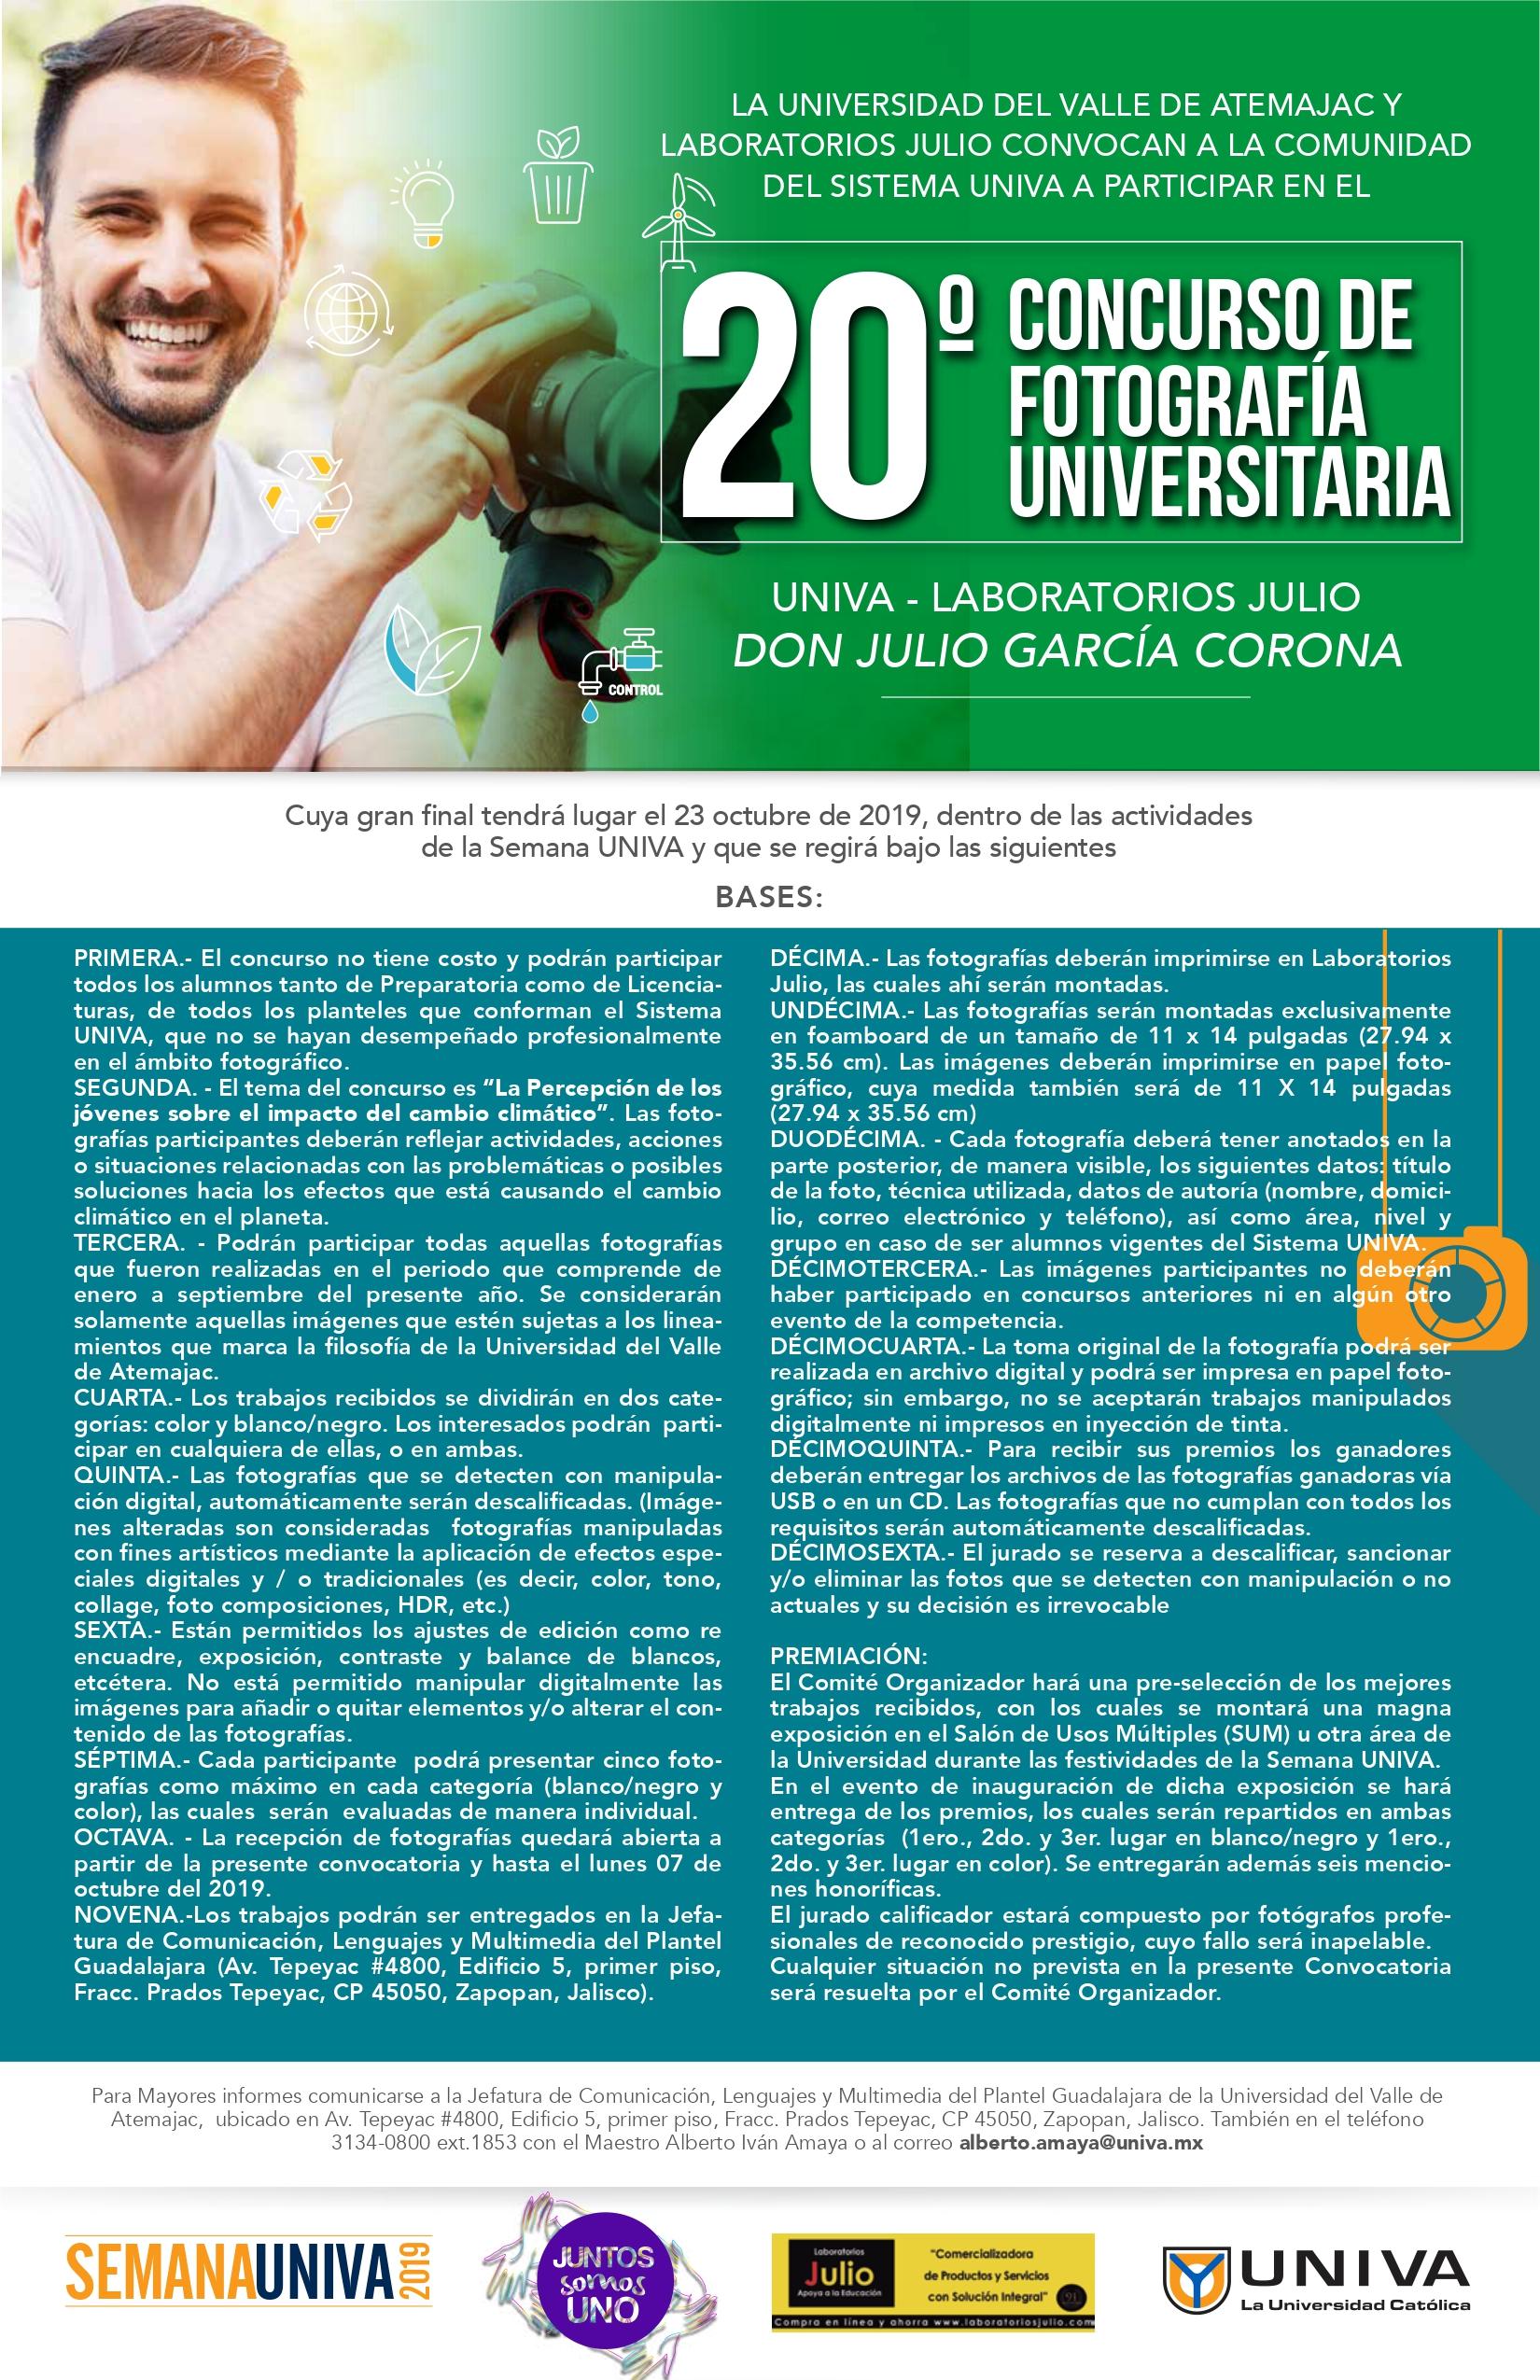 20º Concurso de Fotografía Universitaria Don Julio García Corona